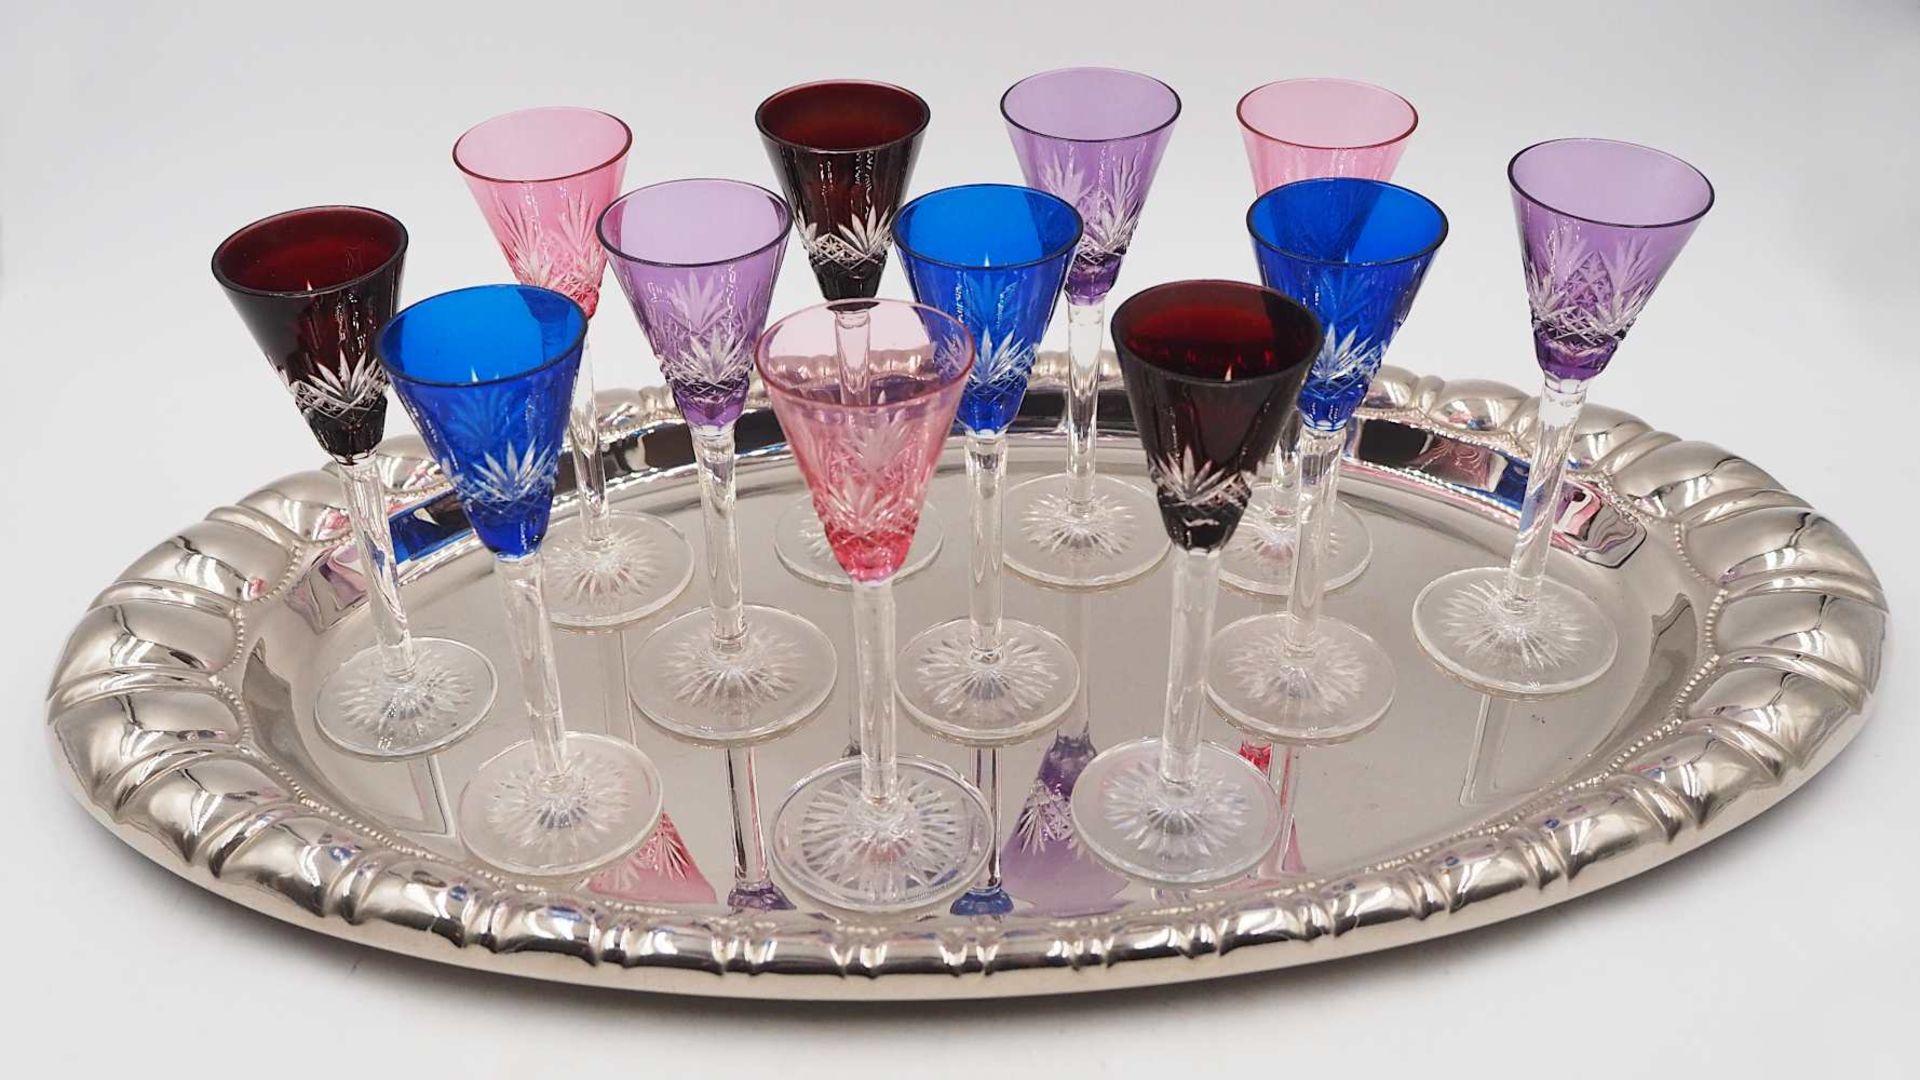 12 Likörgläser Kristall geschliffen, in verschiedenen Farben gefasst H je ca. 12cm s